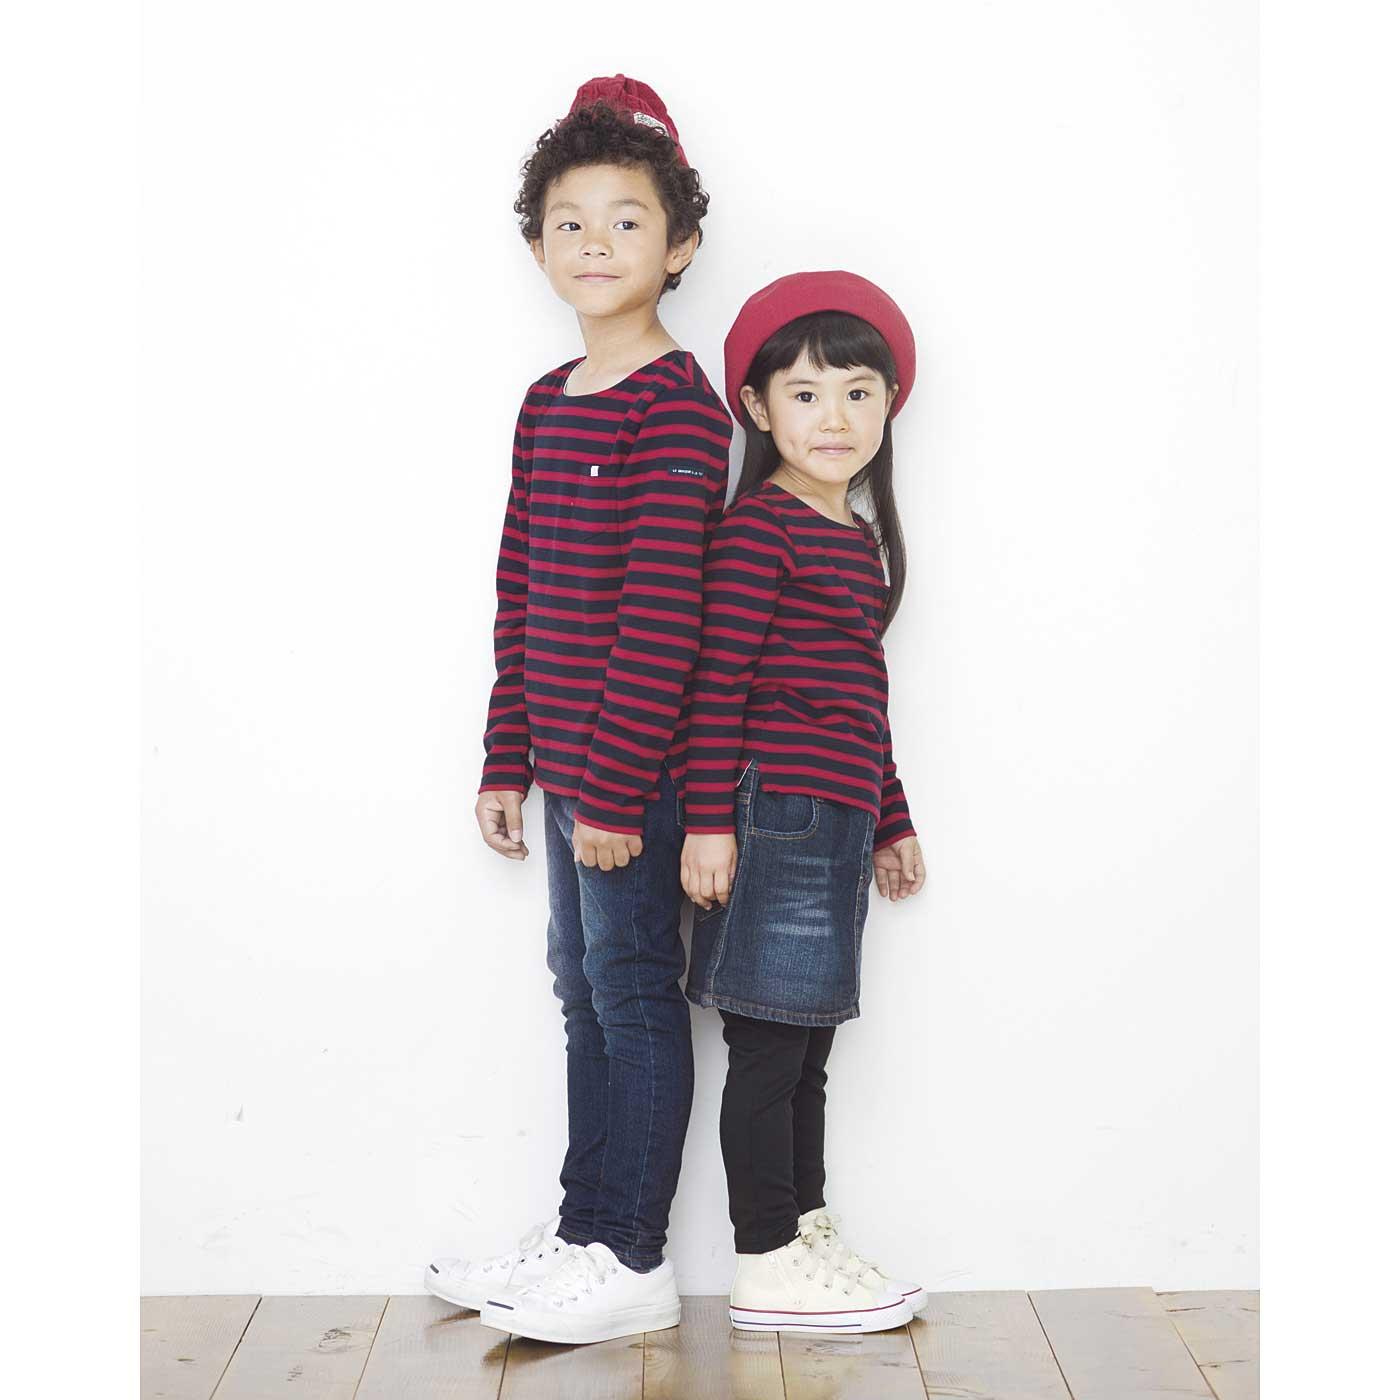 男の子:124cm / 13サイズ 女の子:107cm / 10サイズ